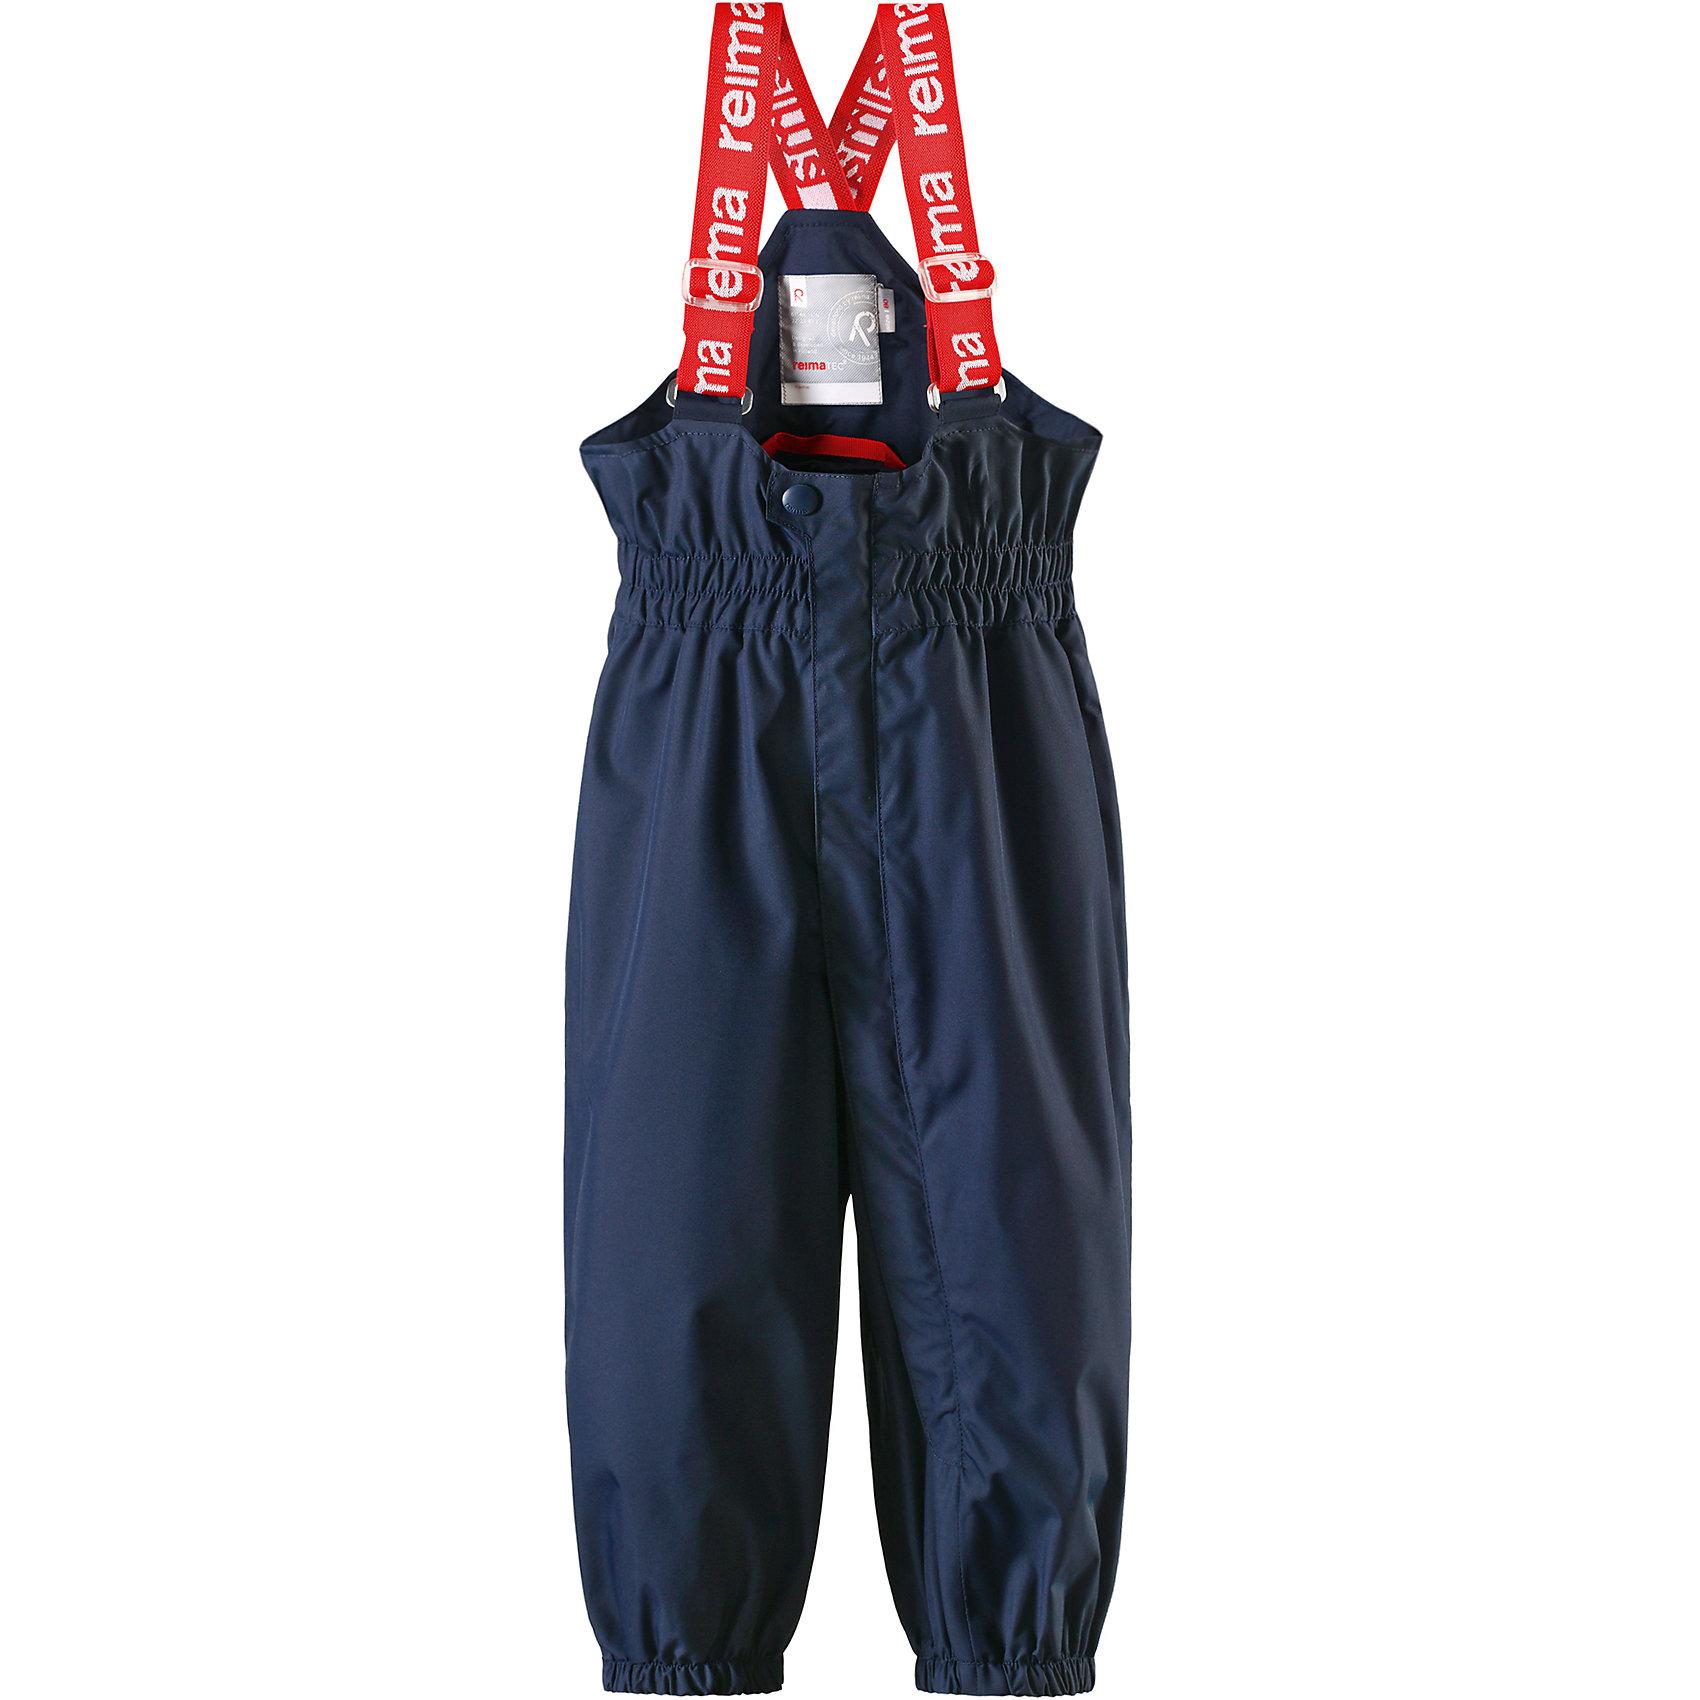 Брюки Tuikku для мальчика Reimatec® ReimaВерхняя одежда<br>Характеристики товара:<br><br>• цвет: синий<br>• состав: 100% полиэстер, полиуретановое покрытие<br>• температурный режим: от +5°до +15°С<br>• водонепроницаемость: 15000 мм<br>• воздухопроницаемость: 5000 мм<br>• износостойкость: 40000 циклов (тест Мартиндейла)<br>• без утеплителя<br>• все швы проклеены, водонепроницаемы<br>• водо- и ветронепроницаемый, «дышащий» и грязеотталкивающий материал<br>• гладкая подкладка из полиэстера<br>• высокая талия с регулируемыми подтяжками<br>• эластичные манжеты на брючинах<br>• прочные съёмные силиконовые штрипки<br>• длинная застёжка на молнии облегчает надевание<br>• светоотражающие детали<br>• комфортная посадка<br>• страна производства: Китай<br>• страна бренда: Финляндия<br>• коллекция: весна-лето 2017<br><br>Демисезонные брюки помогут обеспечить ребенку комфорт и тепло. Они отлично смотрятся с различным верхом. Изделие удобно сидит и модно выглядит. Материал отлично подходит для дождливой погоды. Стильный дизайн разрабатывался специально для детей.<br><br>Обувь и одежда от финского бренда Reima пользуются популярностью во многих странах. Они стильные, качественные и удобные. Для производства продукции используются только безопасные, проверенные материалы и фурнитура.<br><br>Брюки Reimatec® от финского бренда Reima (Рейма) можно купить в нашем интернет-магазине.<br><br>Ширина мм: 215<br>Глубина мм: 88<br>Высота мм: 191<br>Вес г: 336<br>Цвет: синий<br>Возраст от месяцев: 24<br>Возраст до месяцев: 36<br>Пол: Мужской<br>Возраст: Детский<br>Размер: 98,74,86,92,80<br>SKU: 5265502